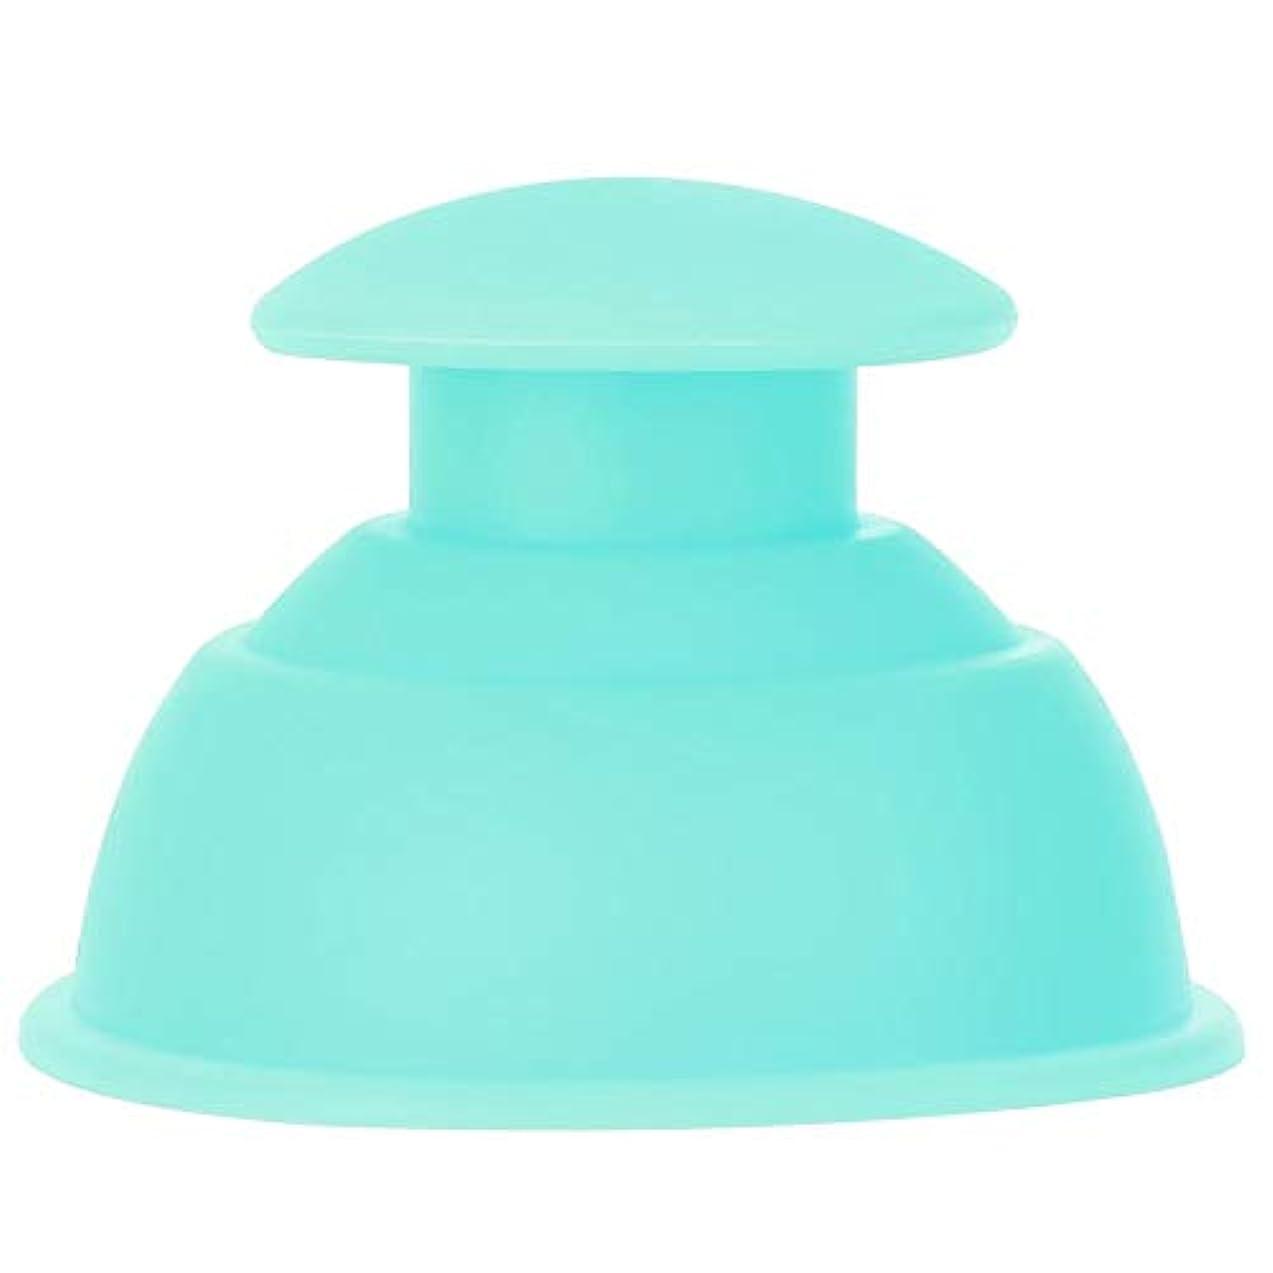 定義する起点酔うリラクゼーションカッピングデバイス、シリコン水分吸収剤アンチセルライト真空カッピングカップマッサージの痛みとストレス解消筋肉セット(# 4)